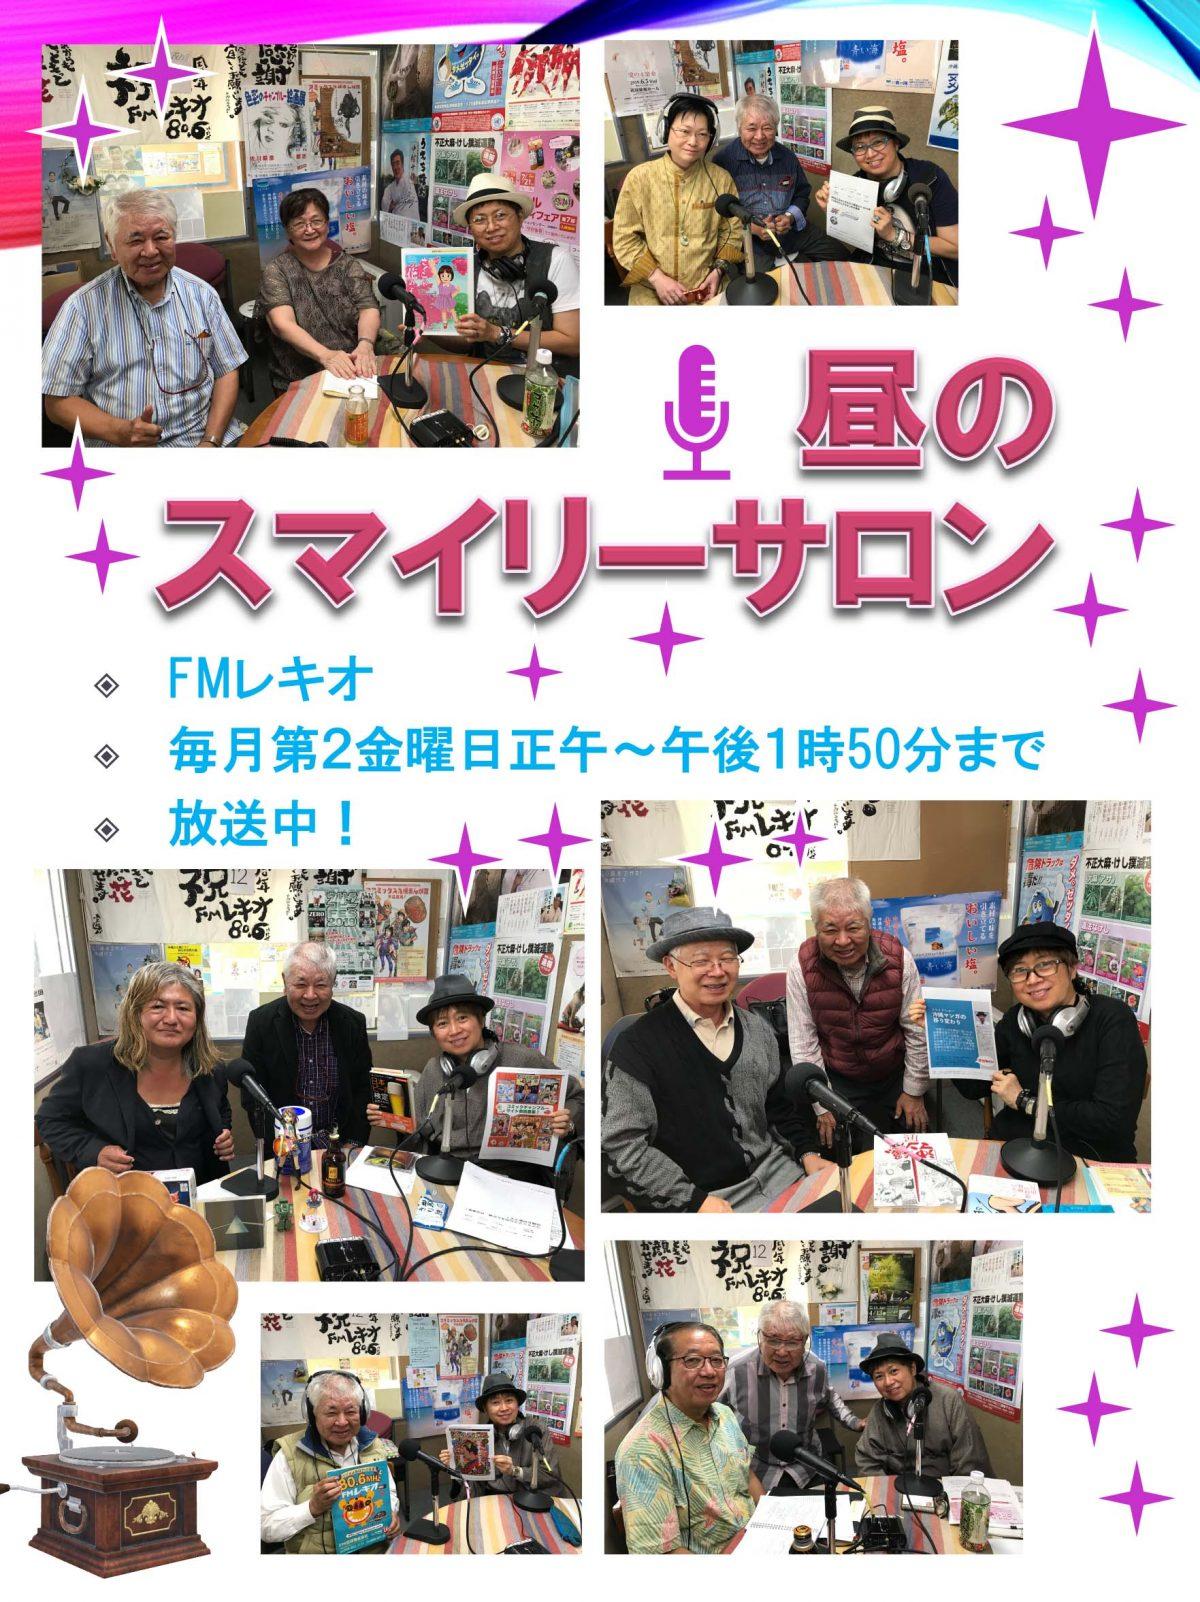 『昼のスマイリーサロン』7月12日(金)は山里米子先生が登場しました! 報告が遅くなりました!